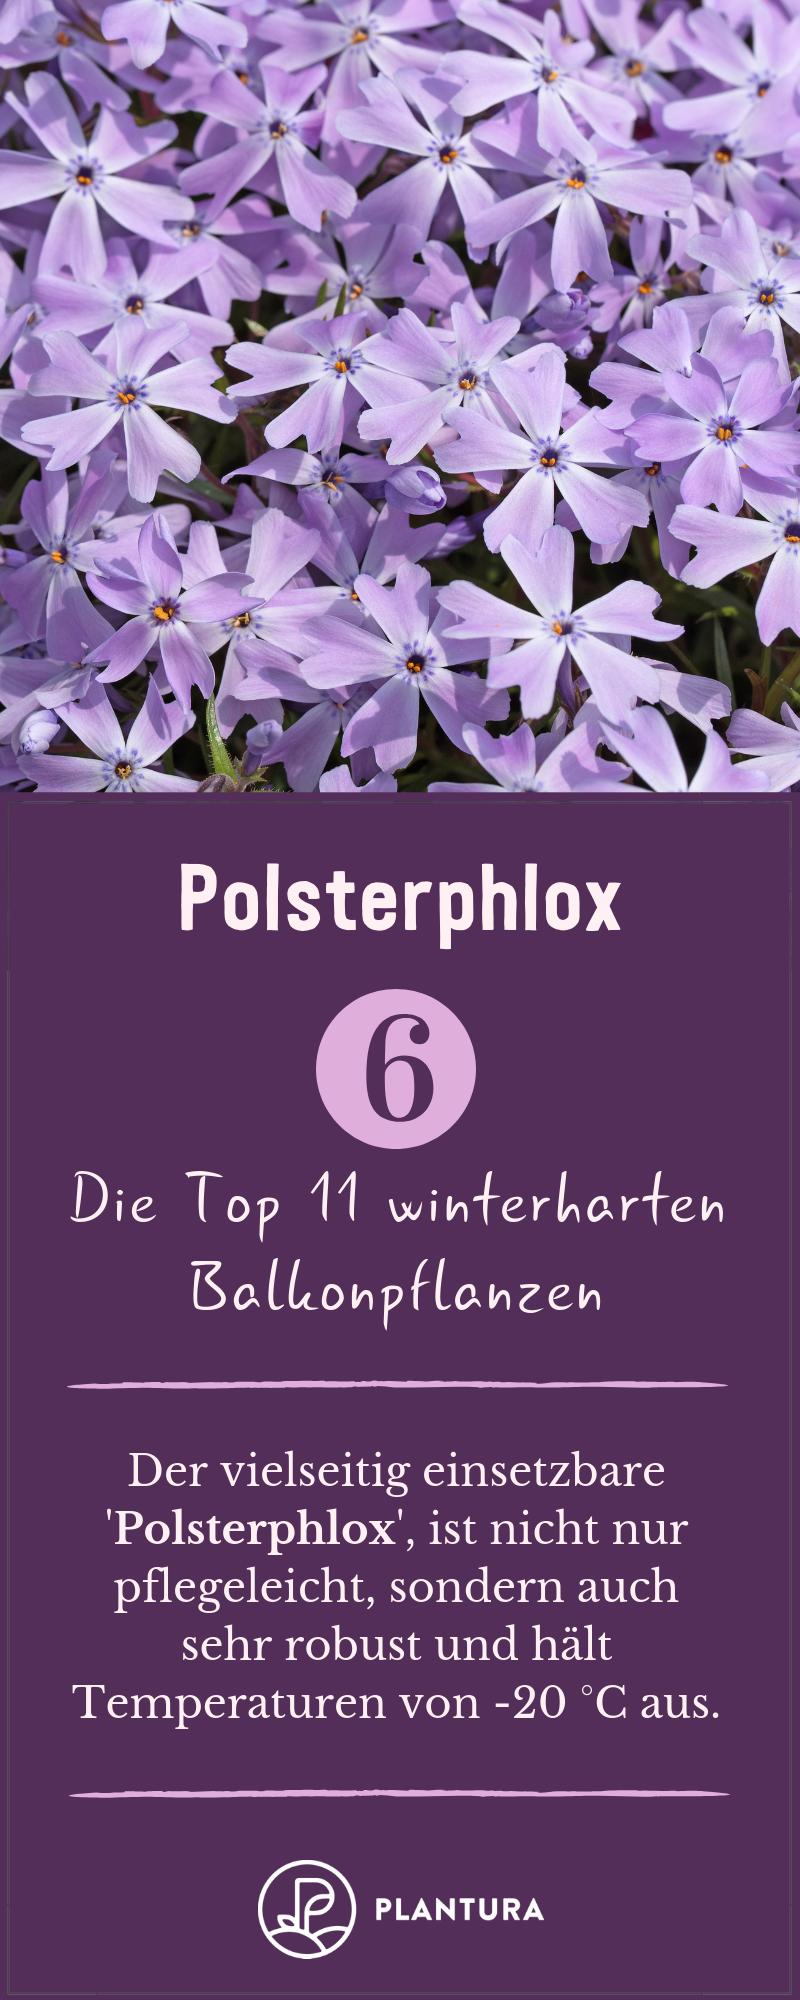 Winterharte Balkonpflanzen: Die Top 11 für Ihren Balkon - Plantura